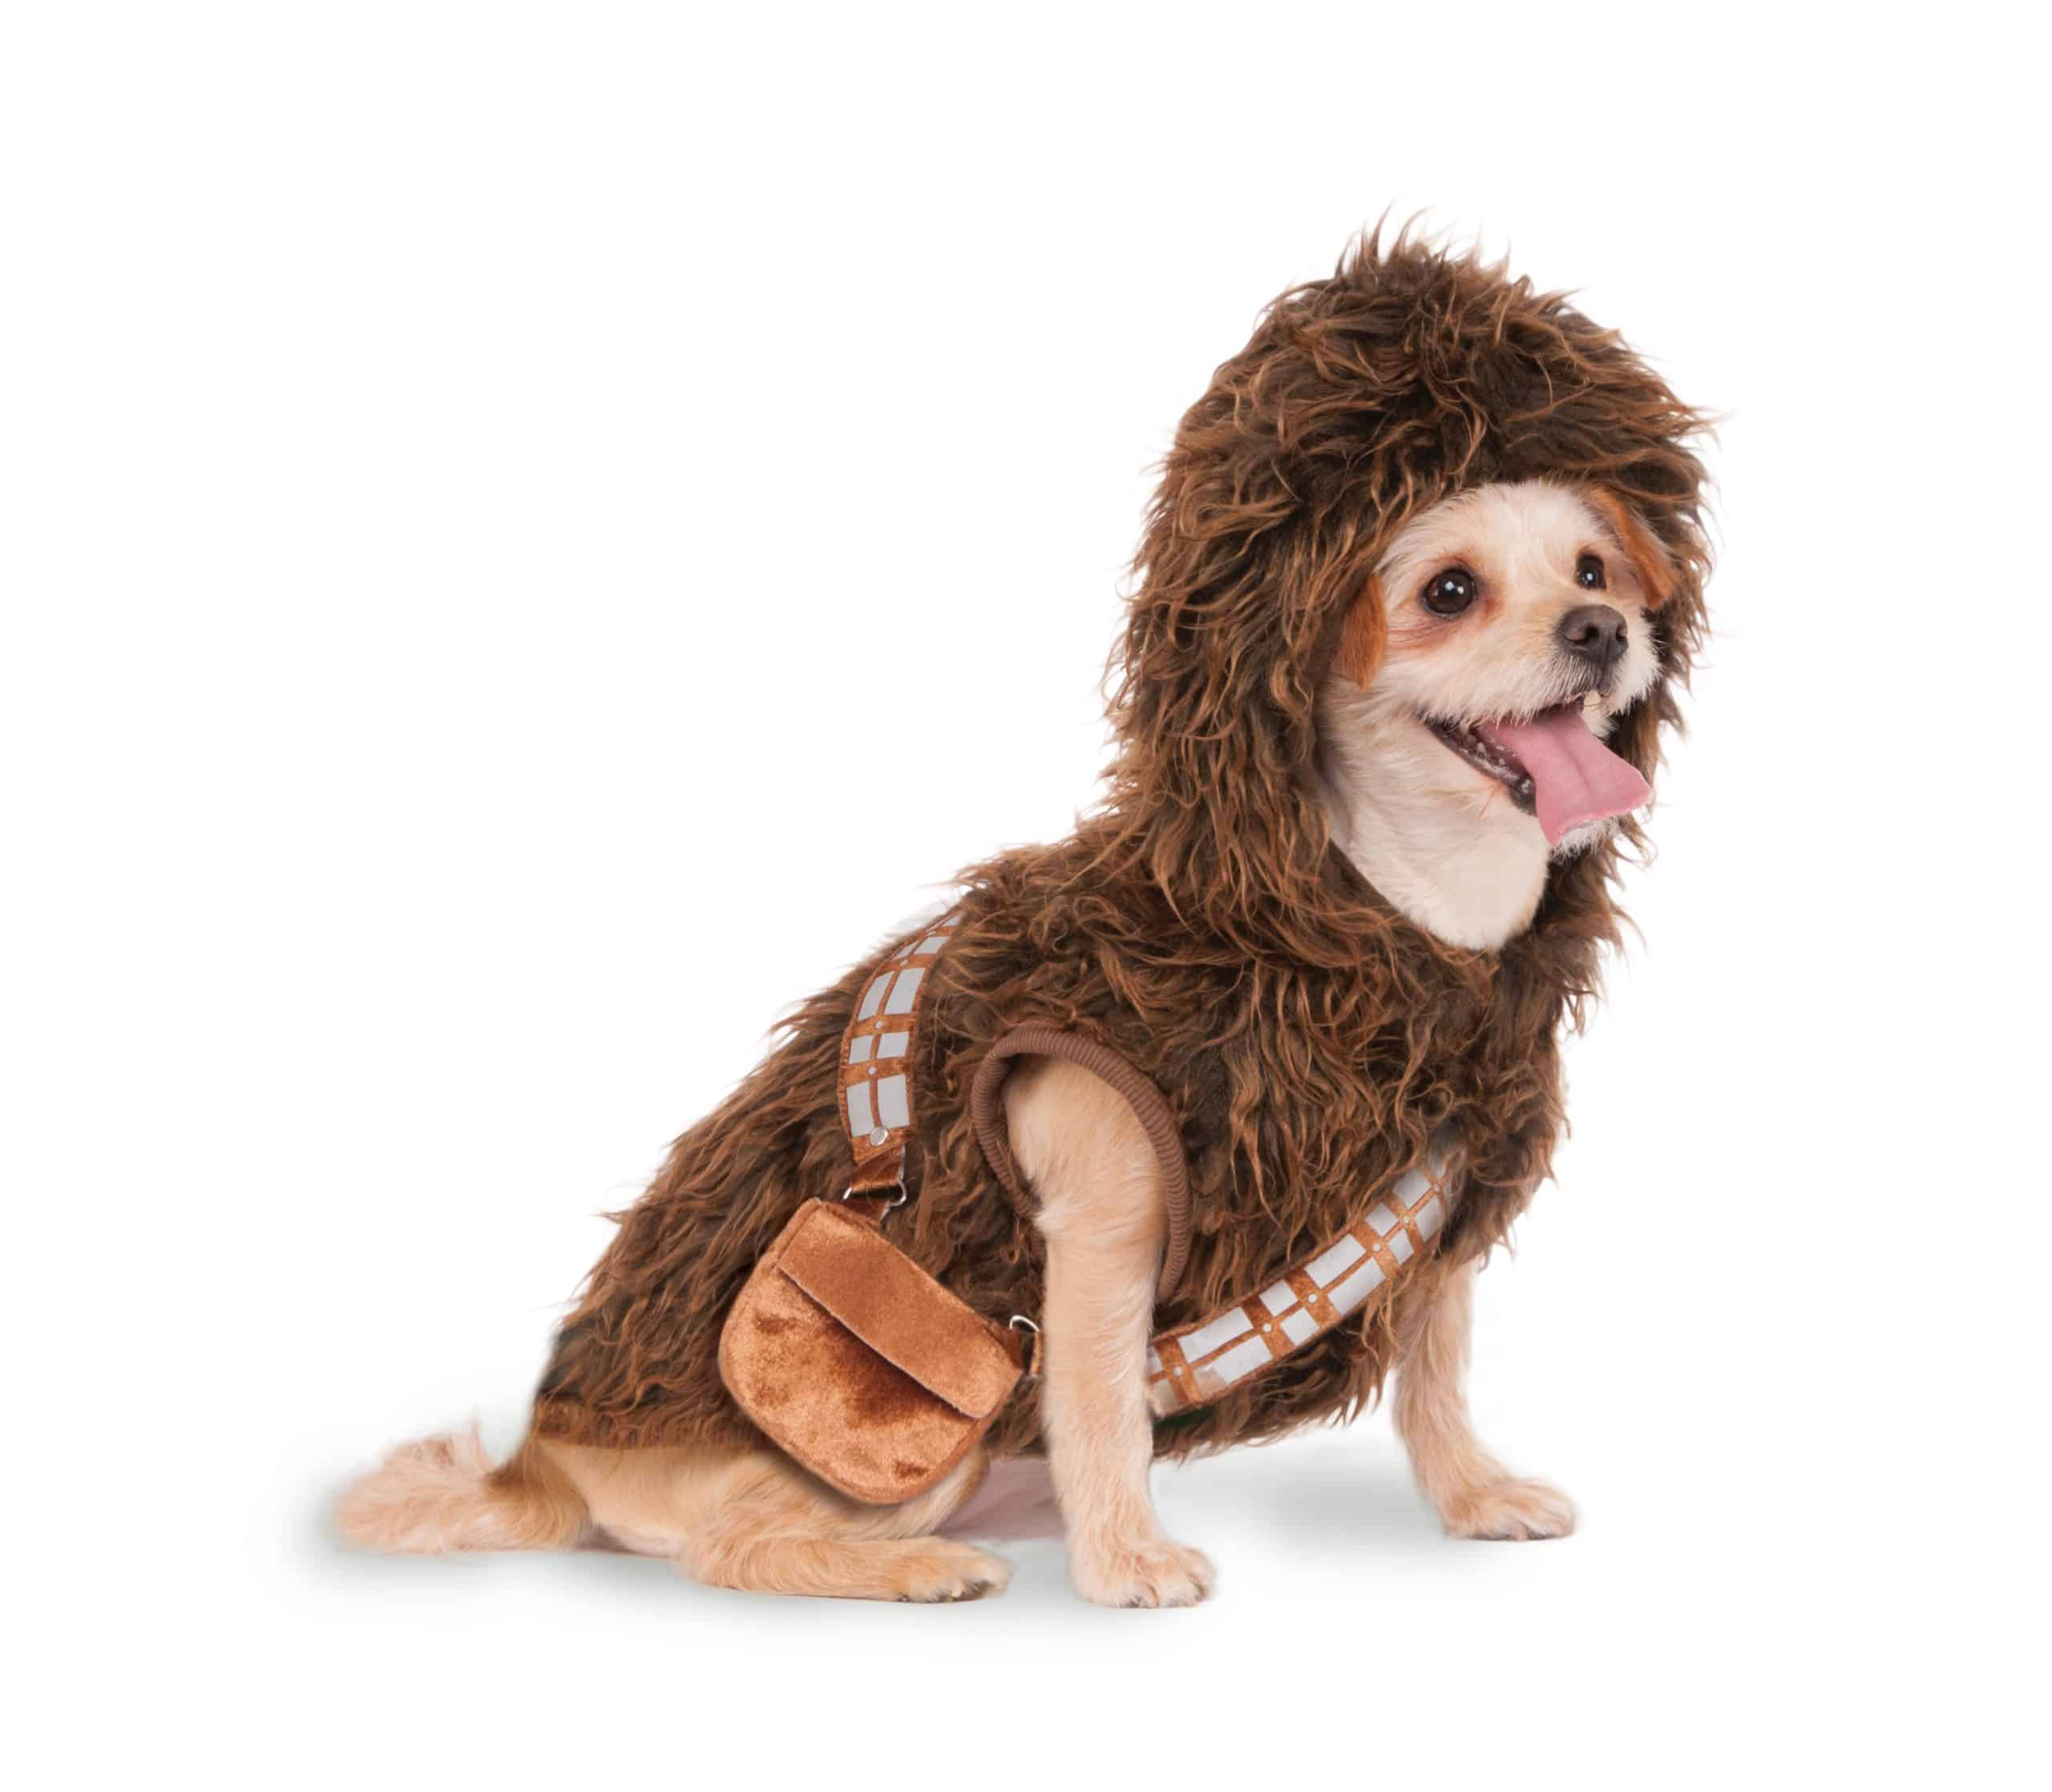 Starwars Chewbacca Dog Hoodie Costume